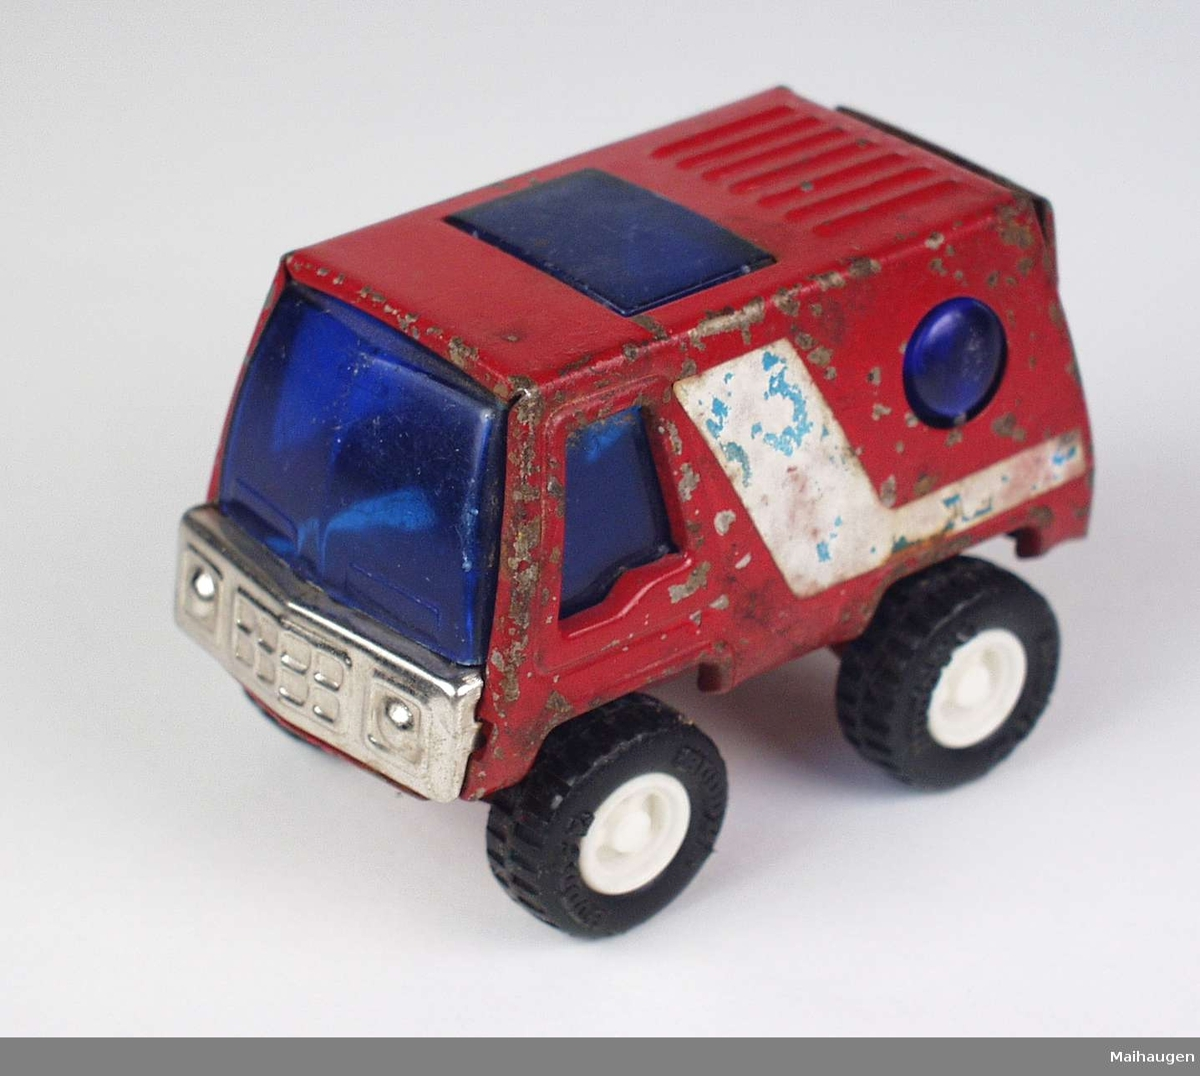 Rød lekebil i metall.